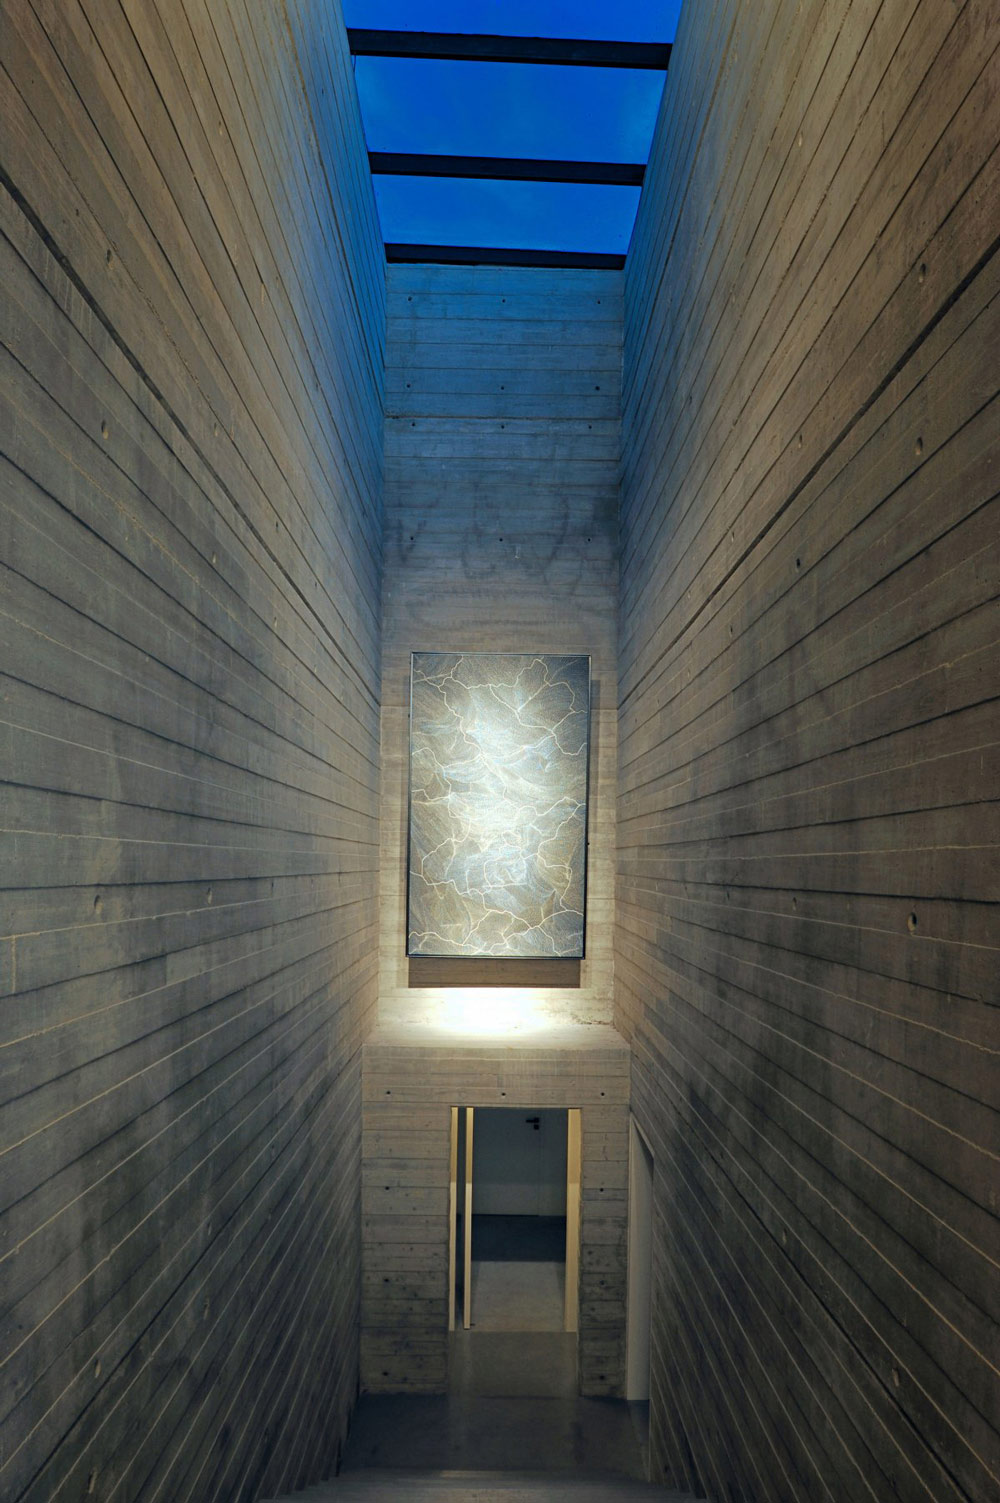 Concrete Stairs & Walls, Art, Striking Oceanfront House in Jbeil, Lebanon